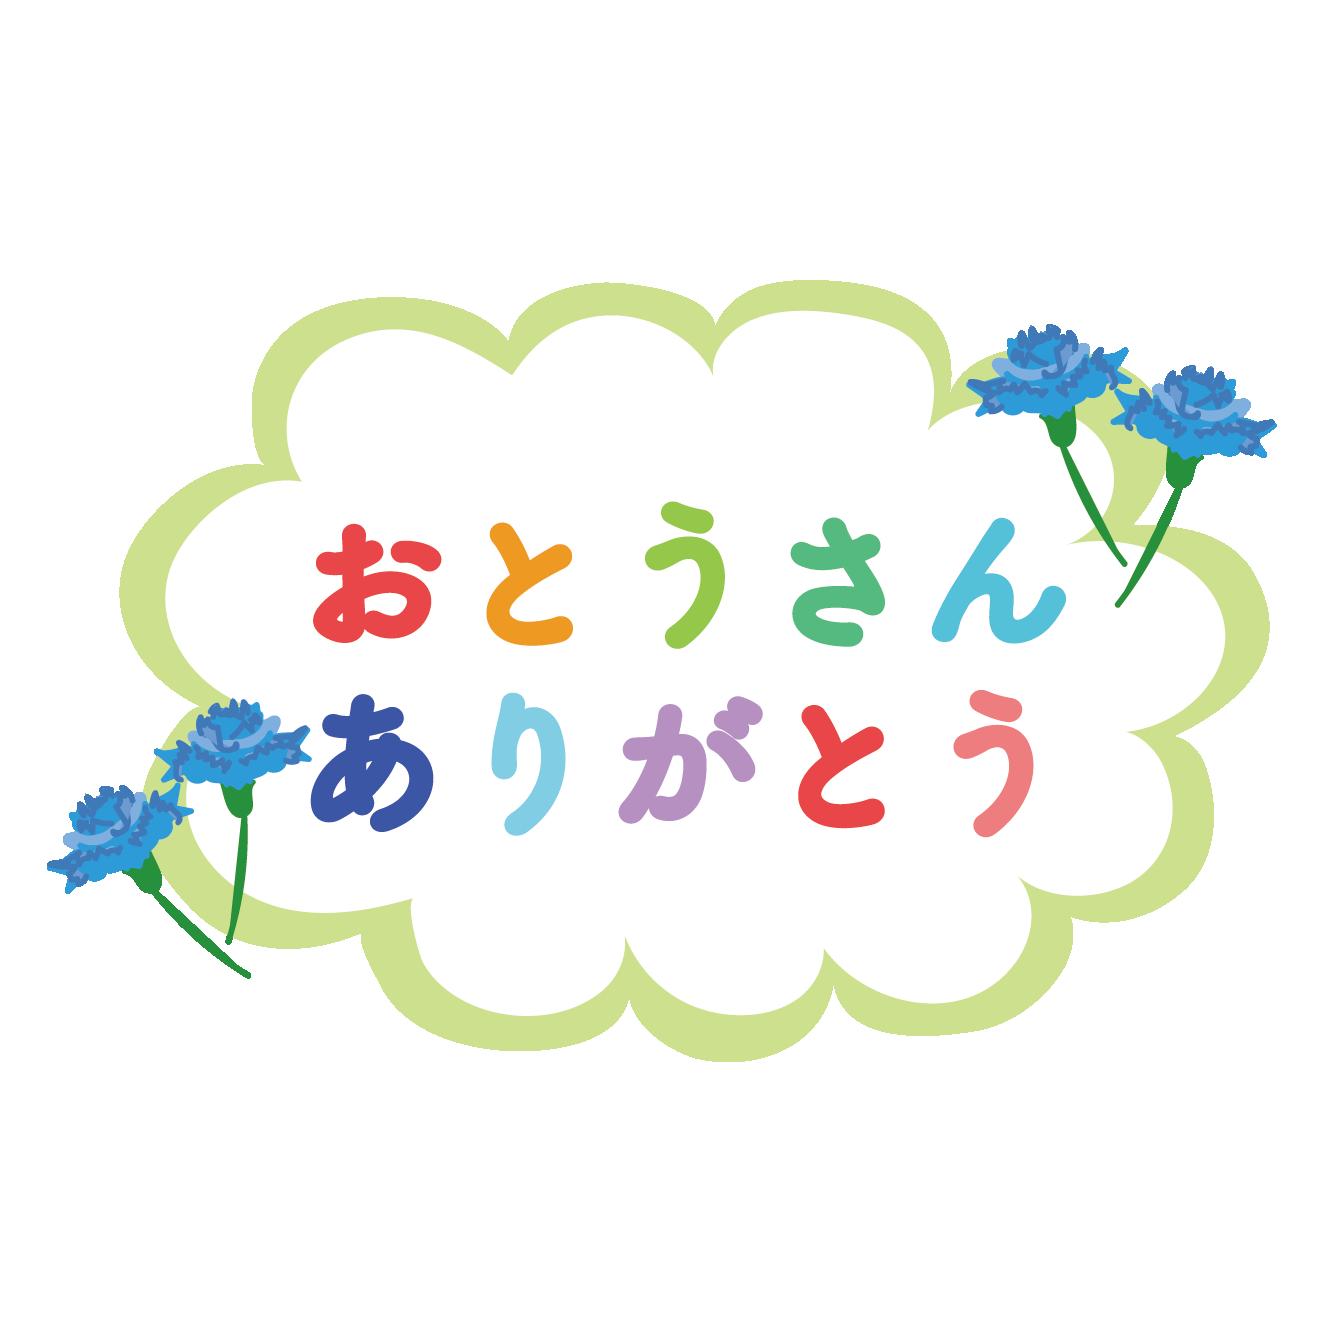 父の日に!おとうさん(お父さん)ありがとう!の文字 イラスト! | 商用